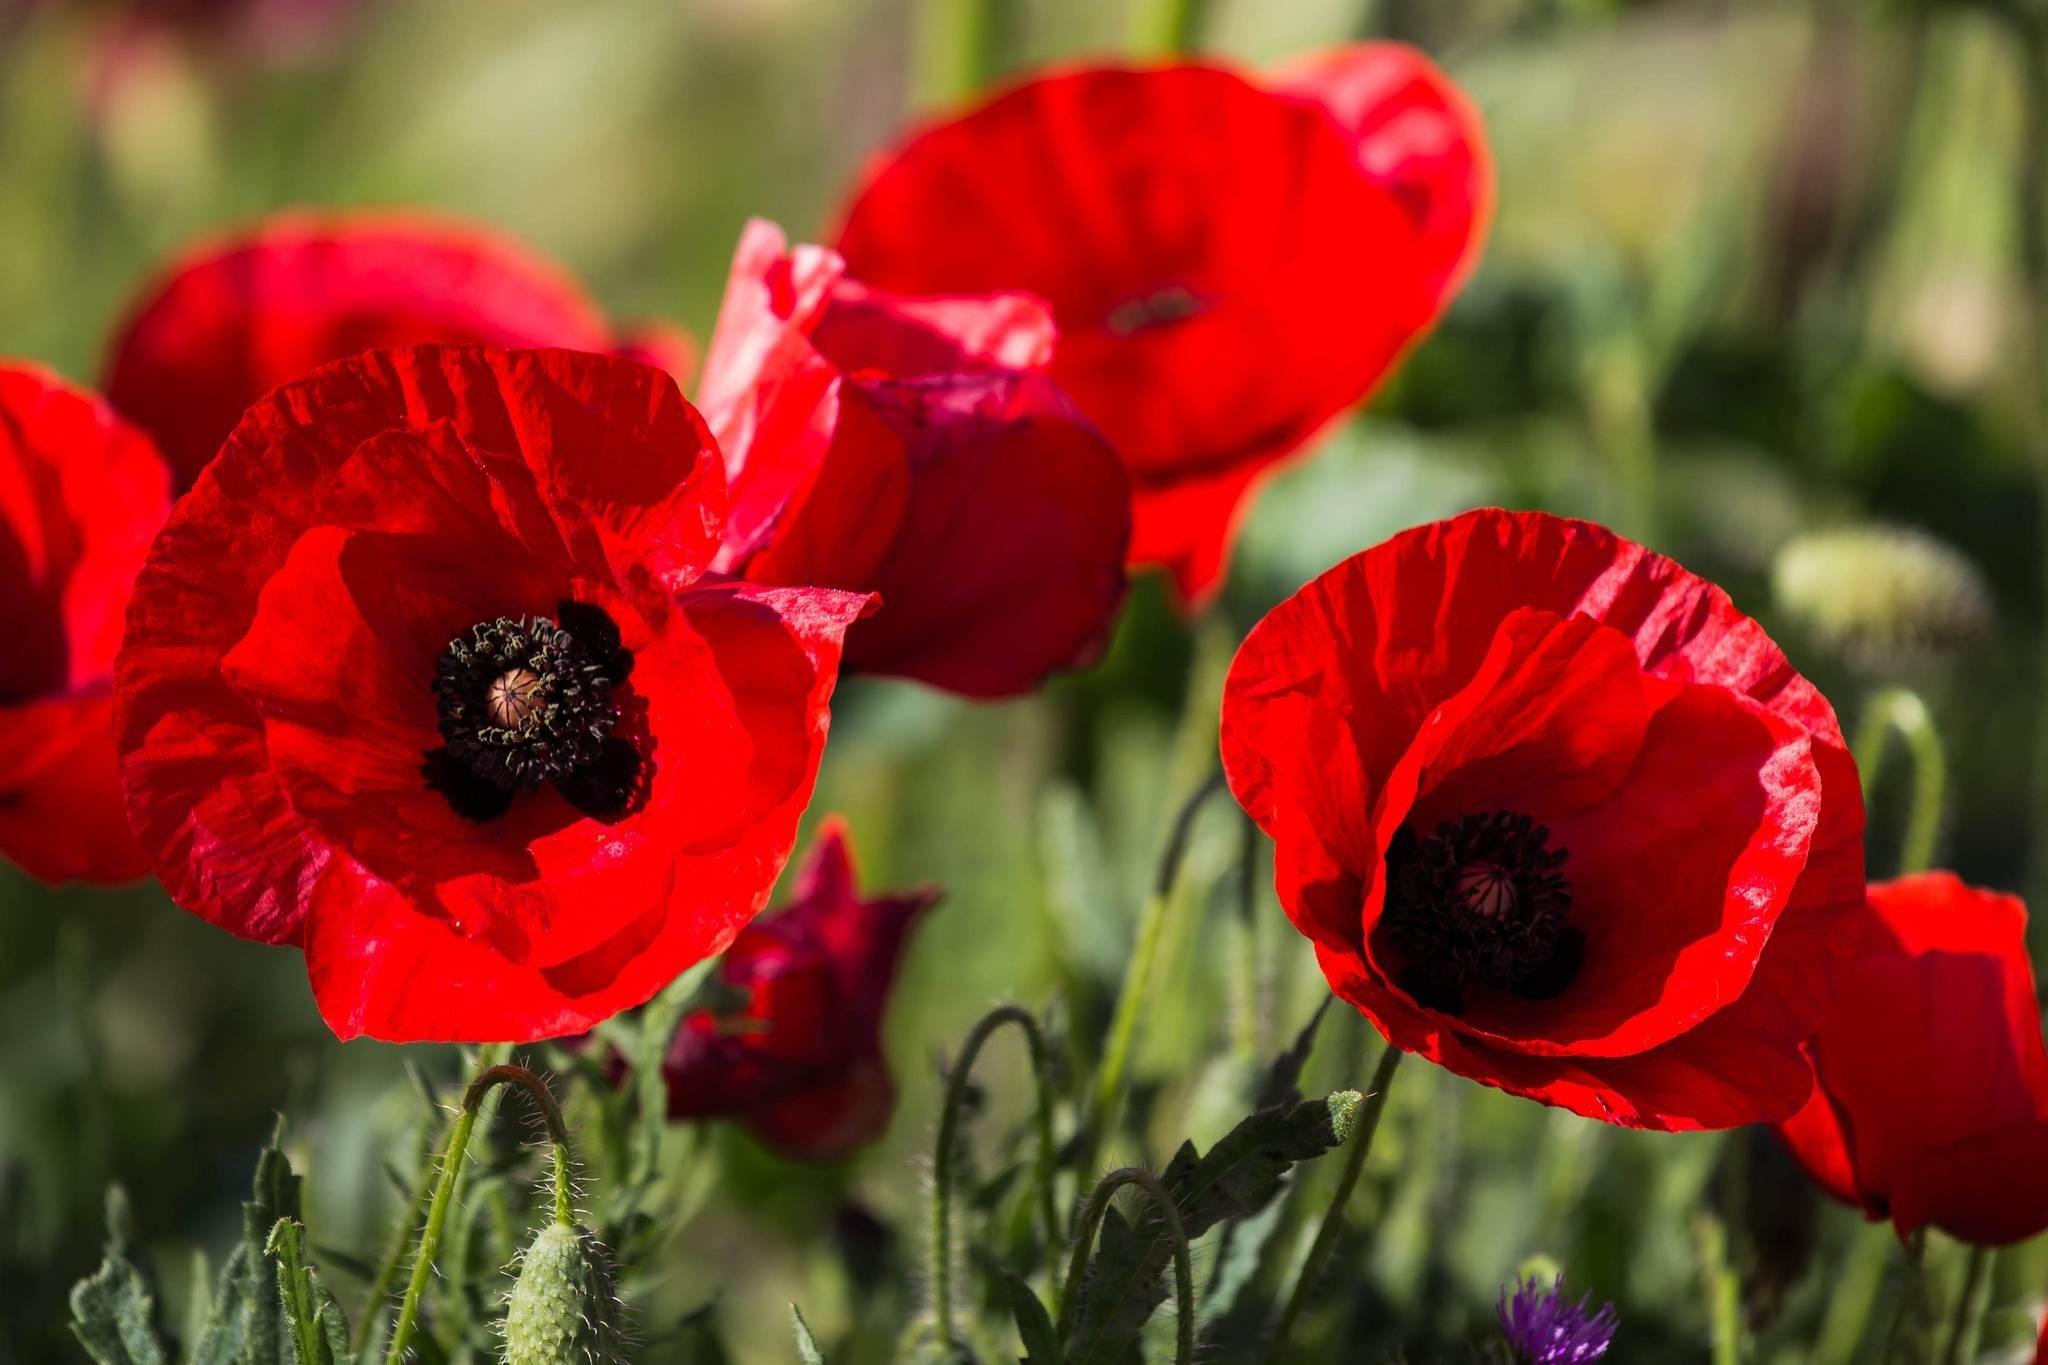 Poppy Flowers 14029 2048x1365px